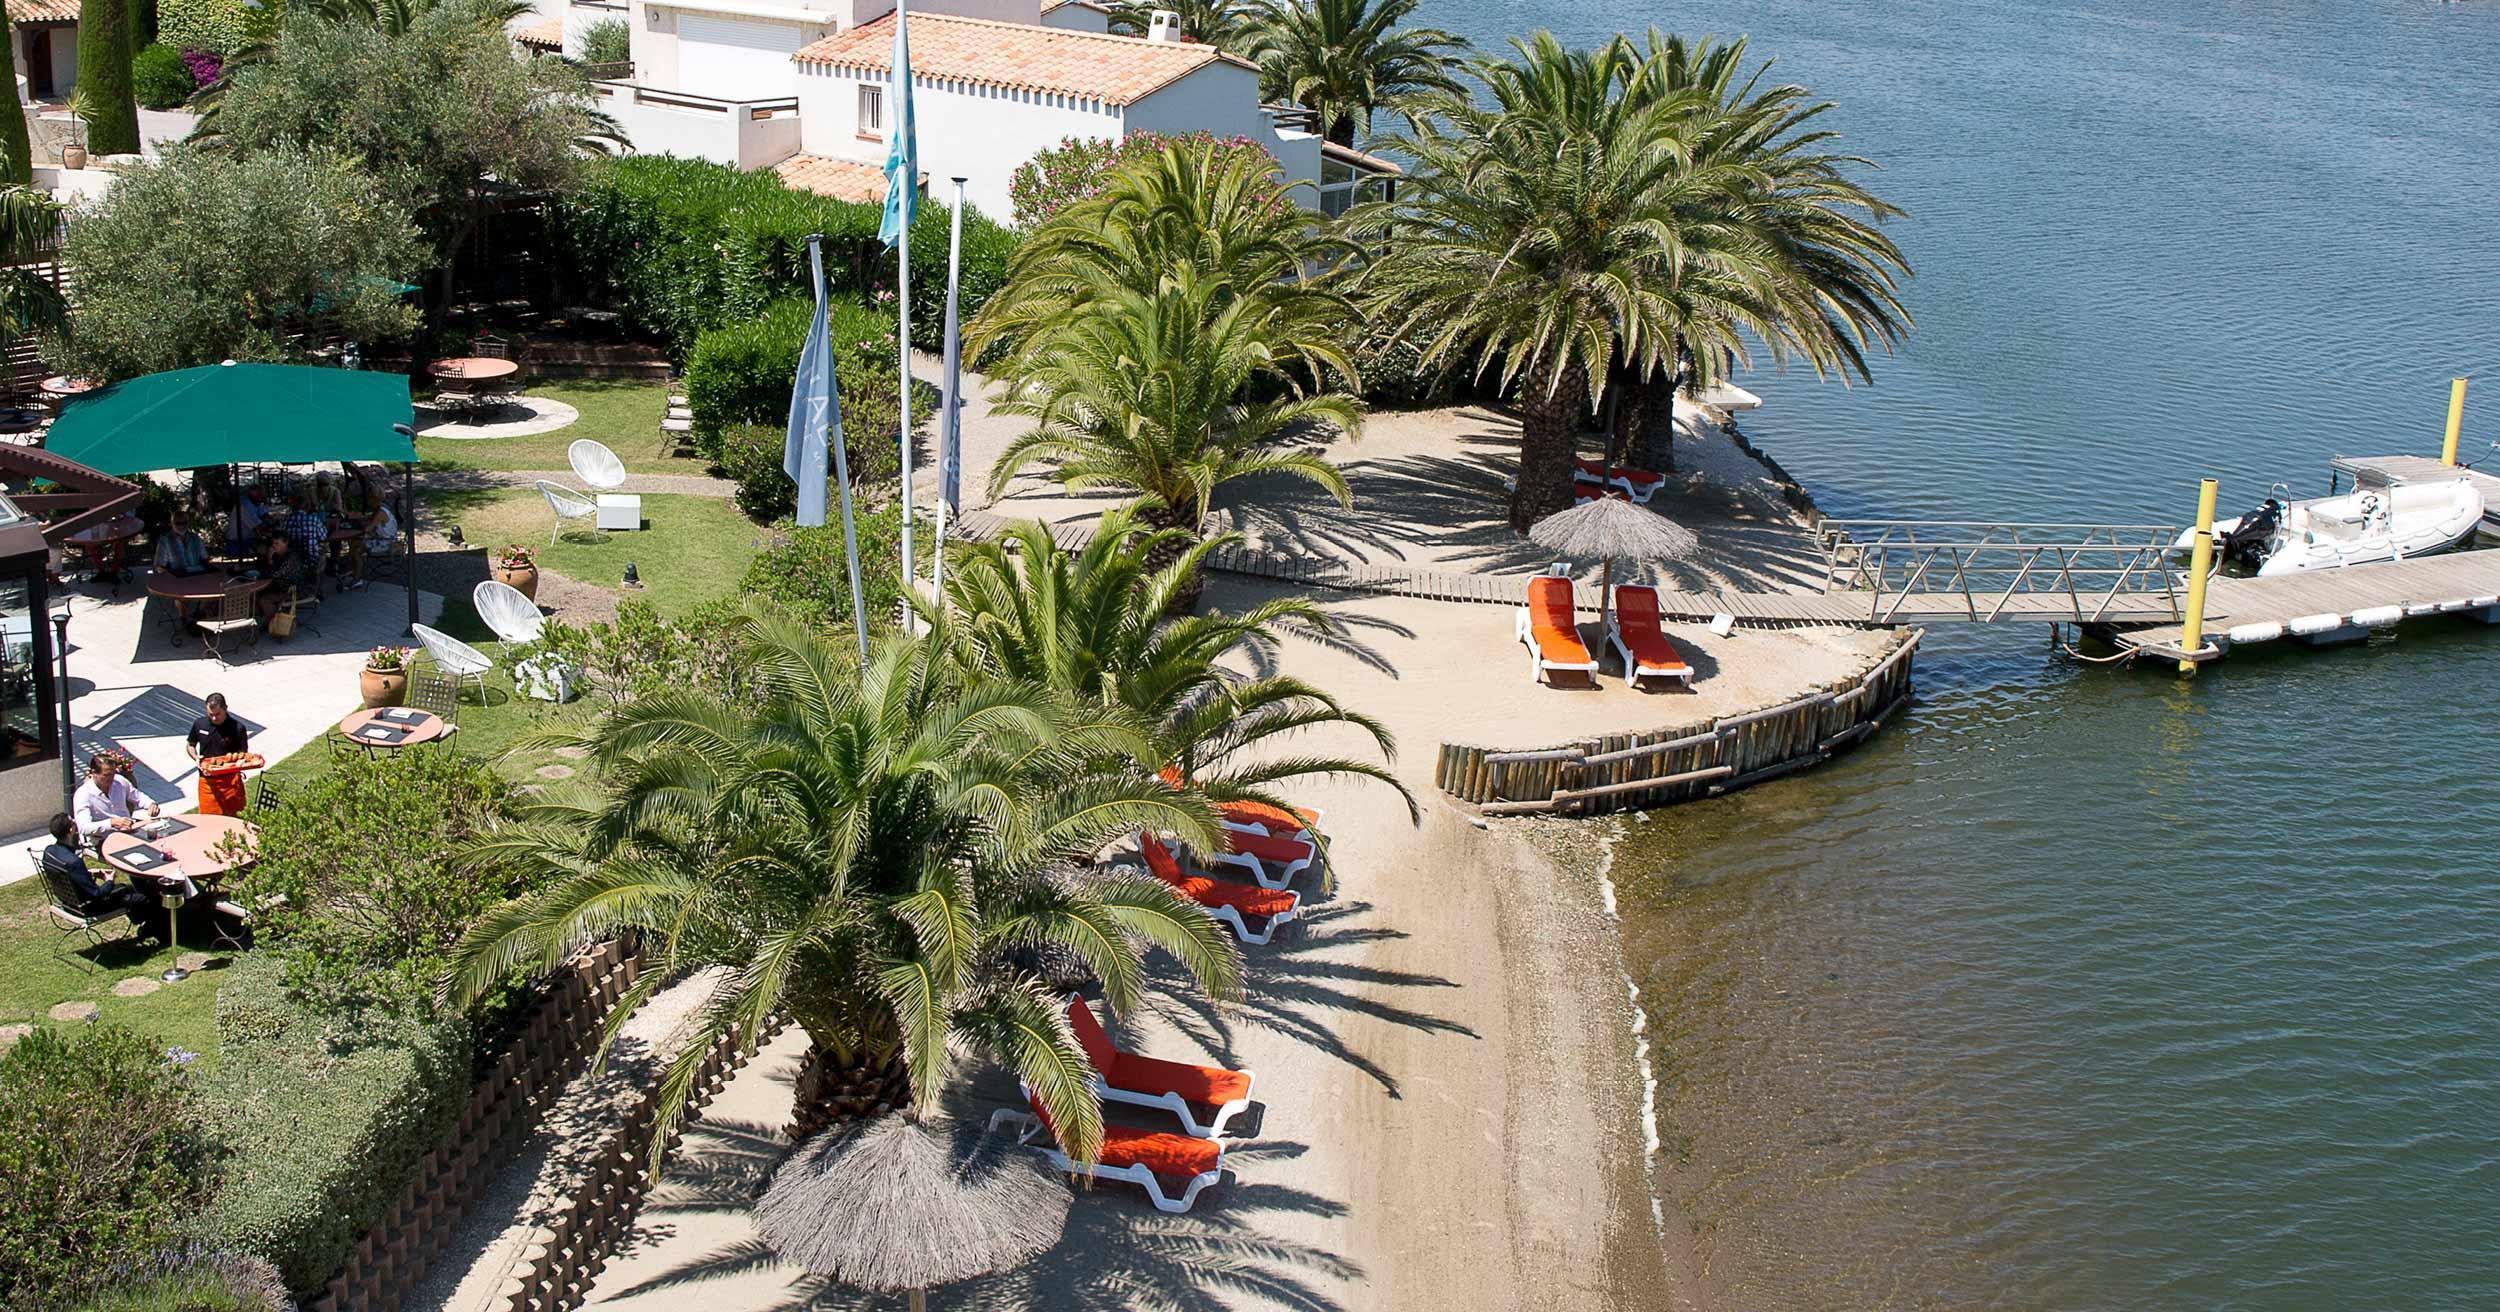 Le restaurant L'Almandin, 1 étoile au guide Michelin, au bord de la lagune de Saint-Cyprien